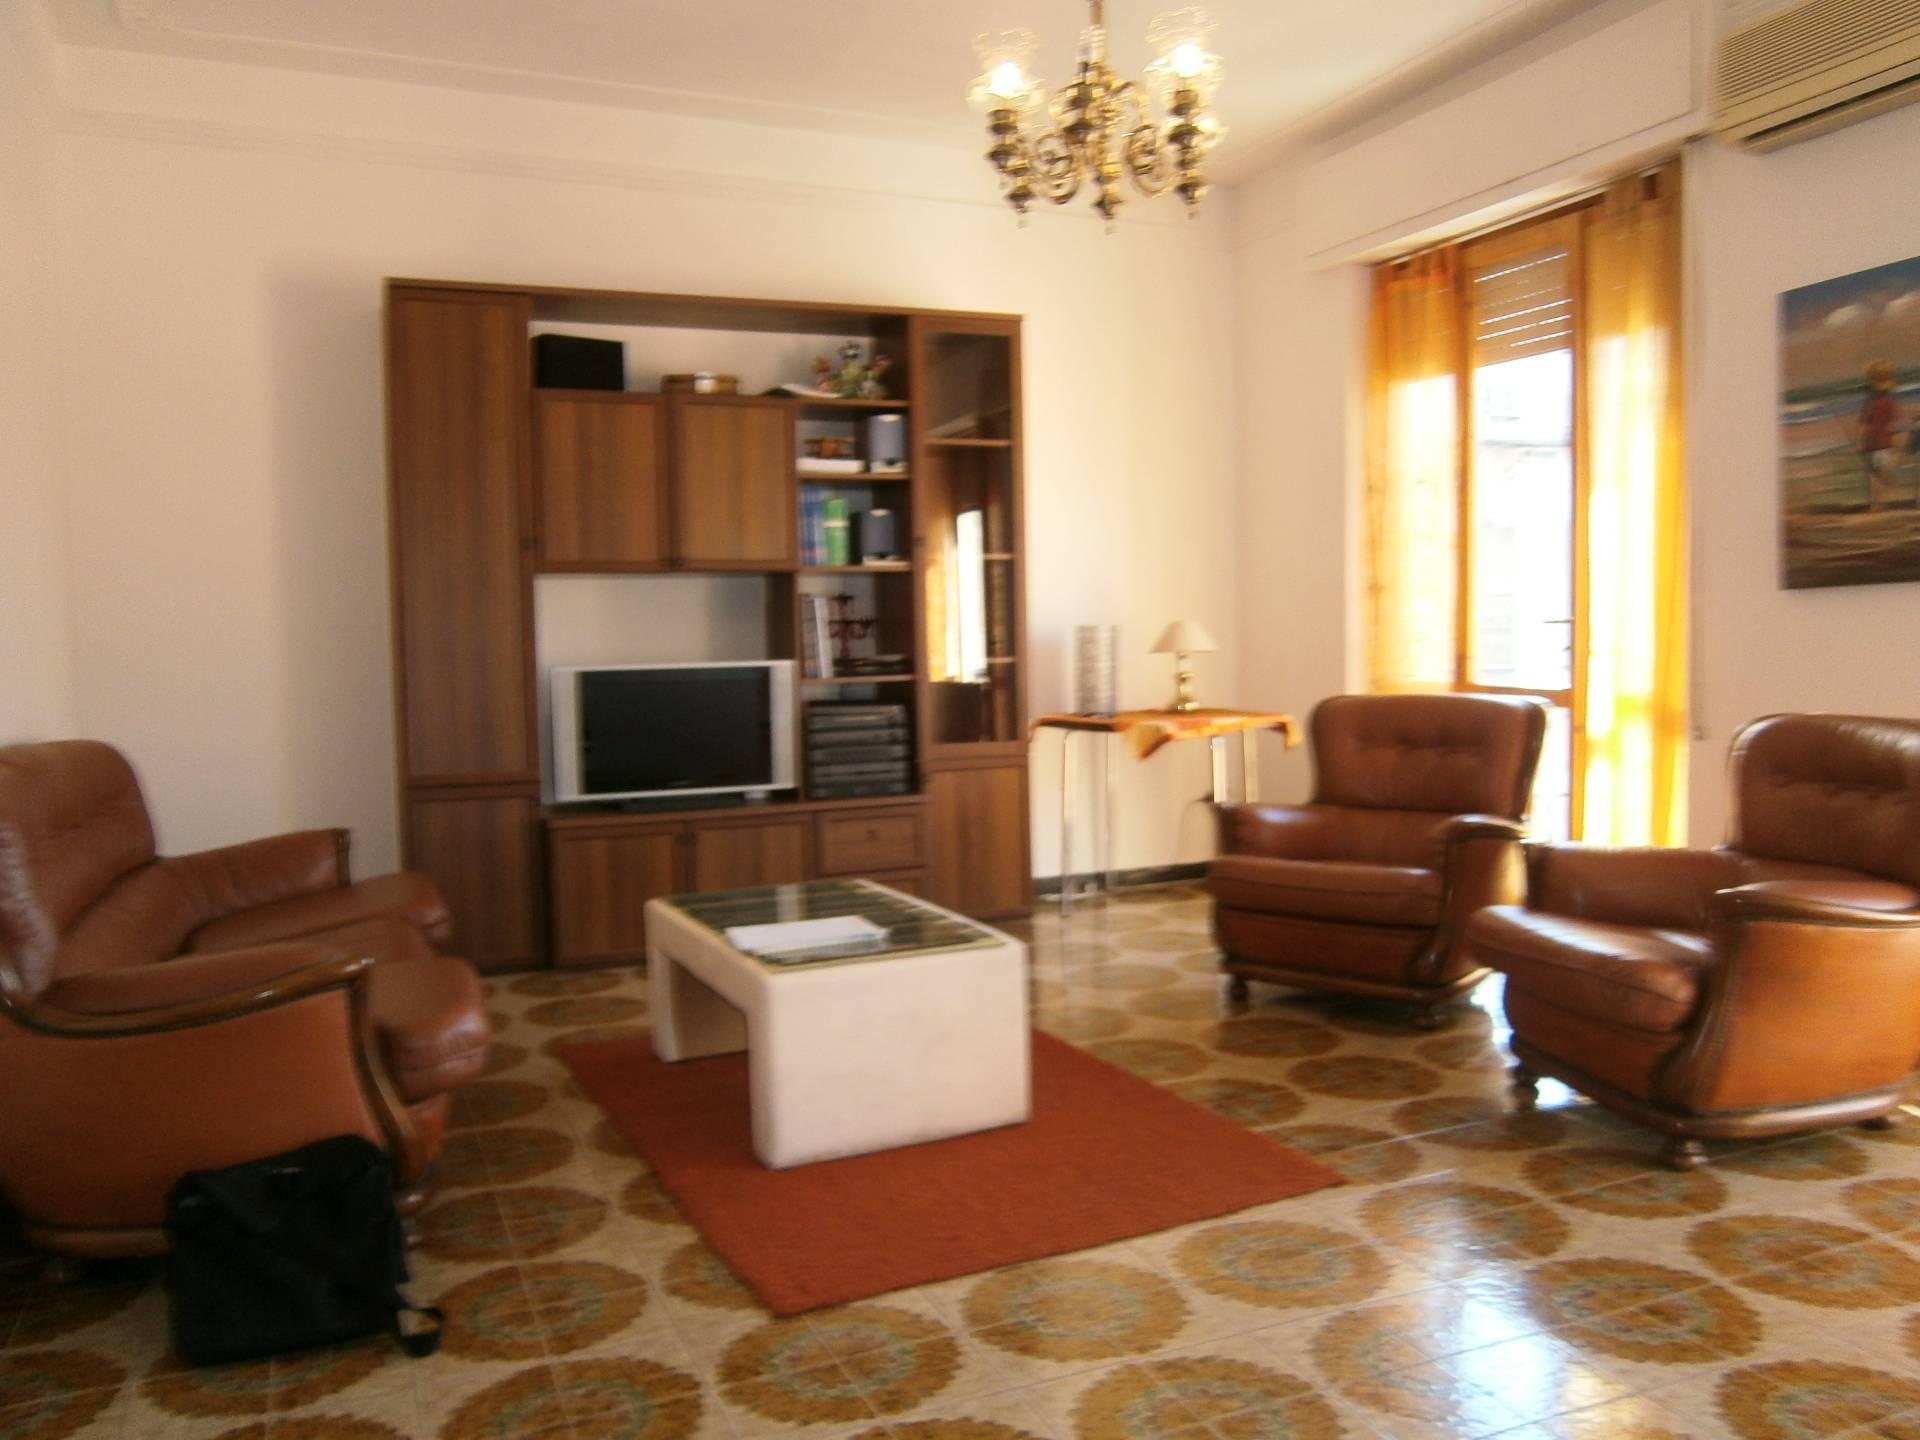 Appartamento in affitto a Quartu Sant'Elena, 5 locali, prezzo € 600 | Cambio Casa.it